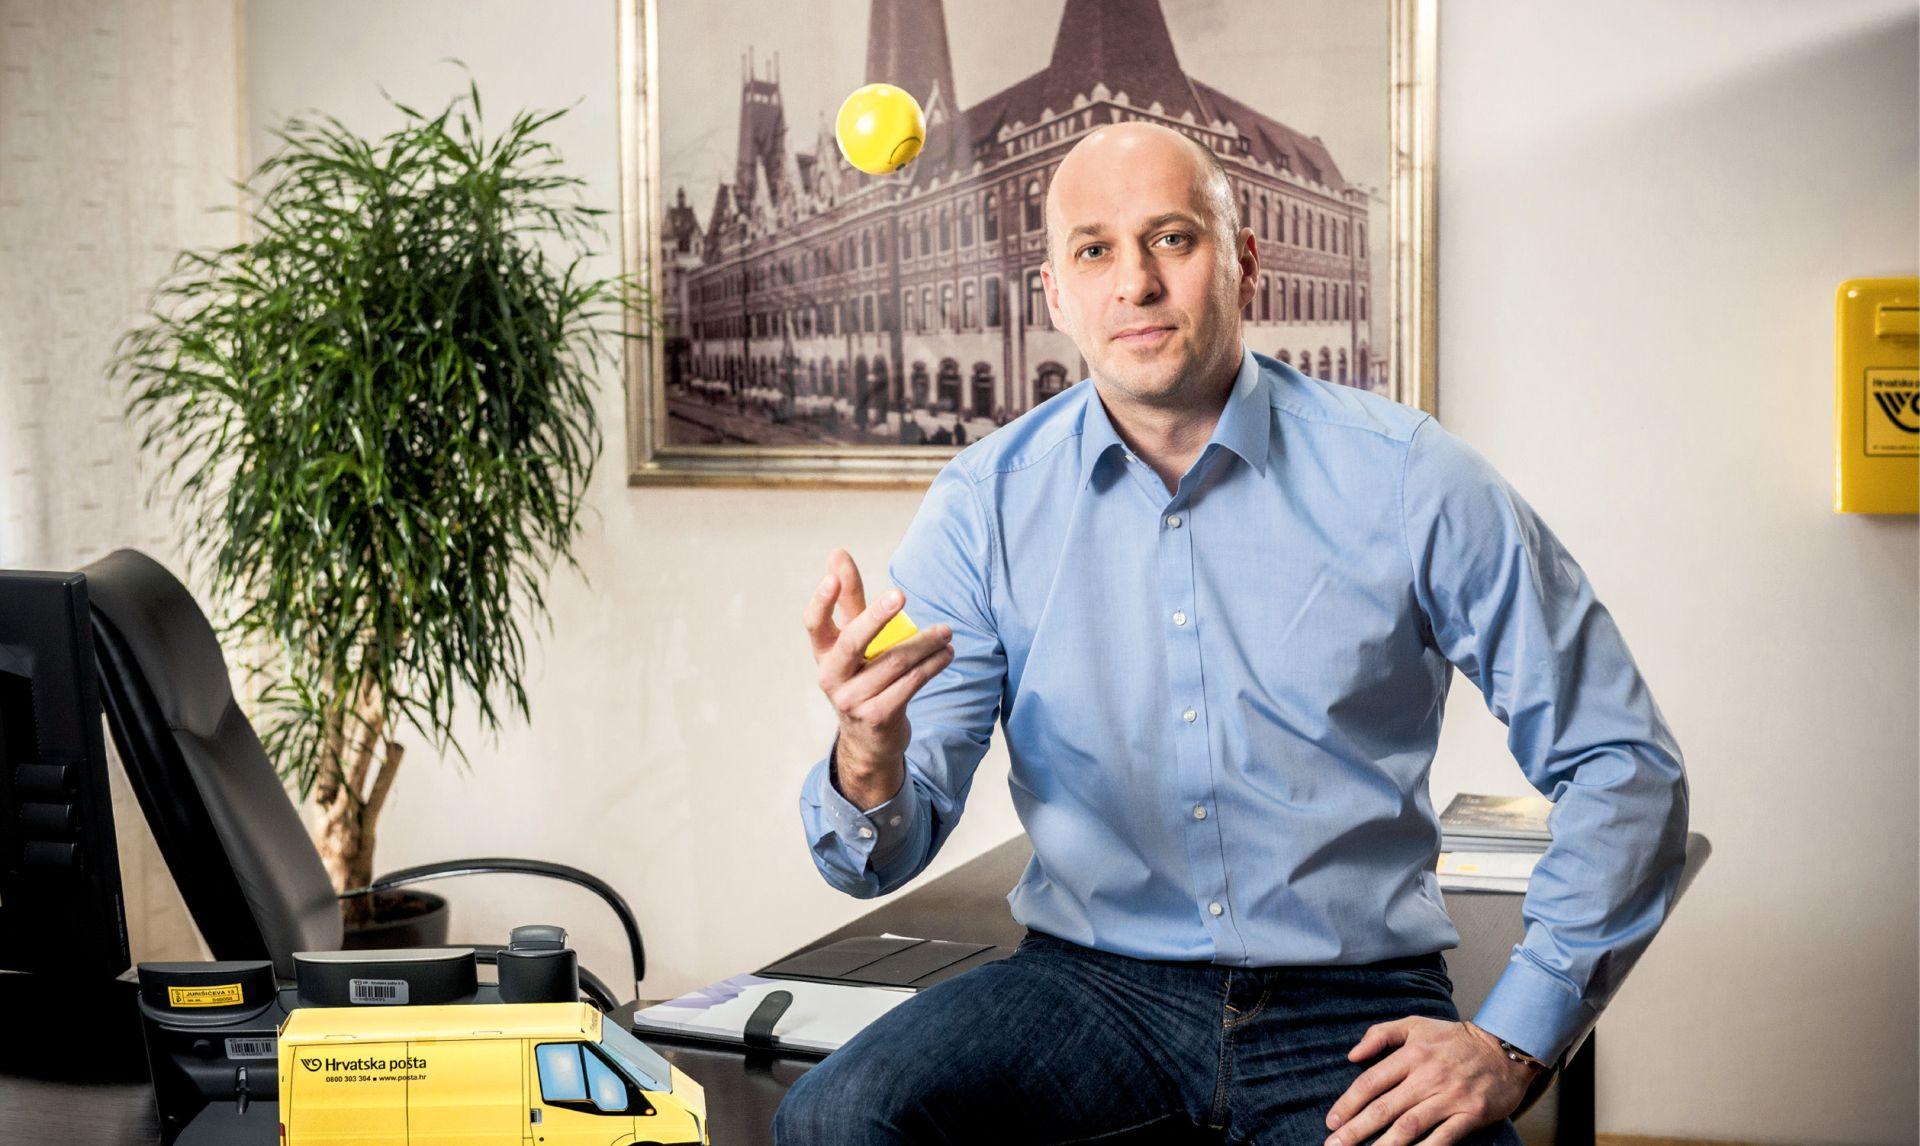 'Hrvatska pošta niskim cijenama ne uništava konkurenciju'